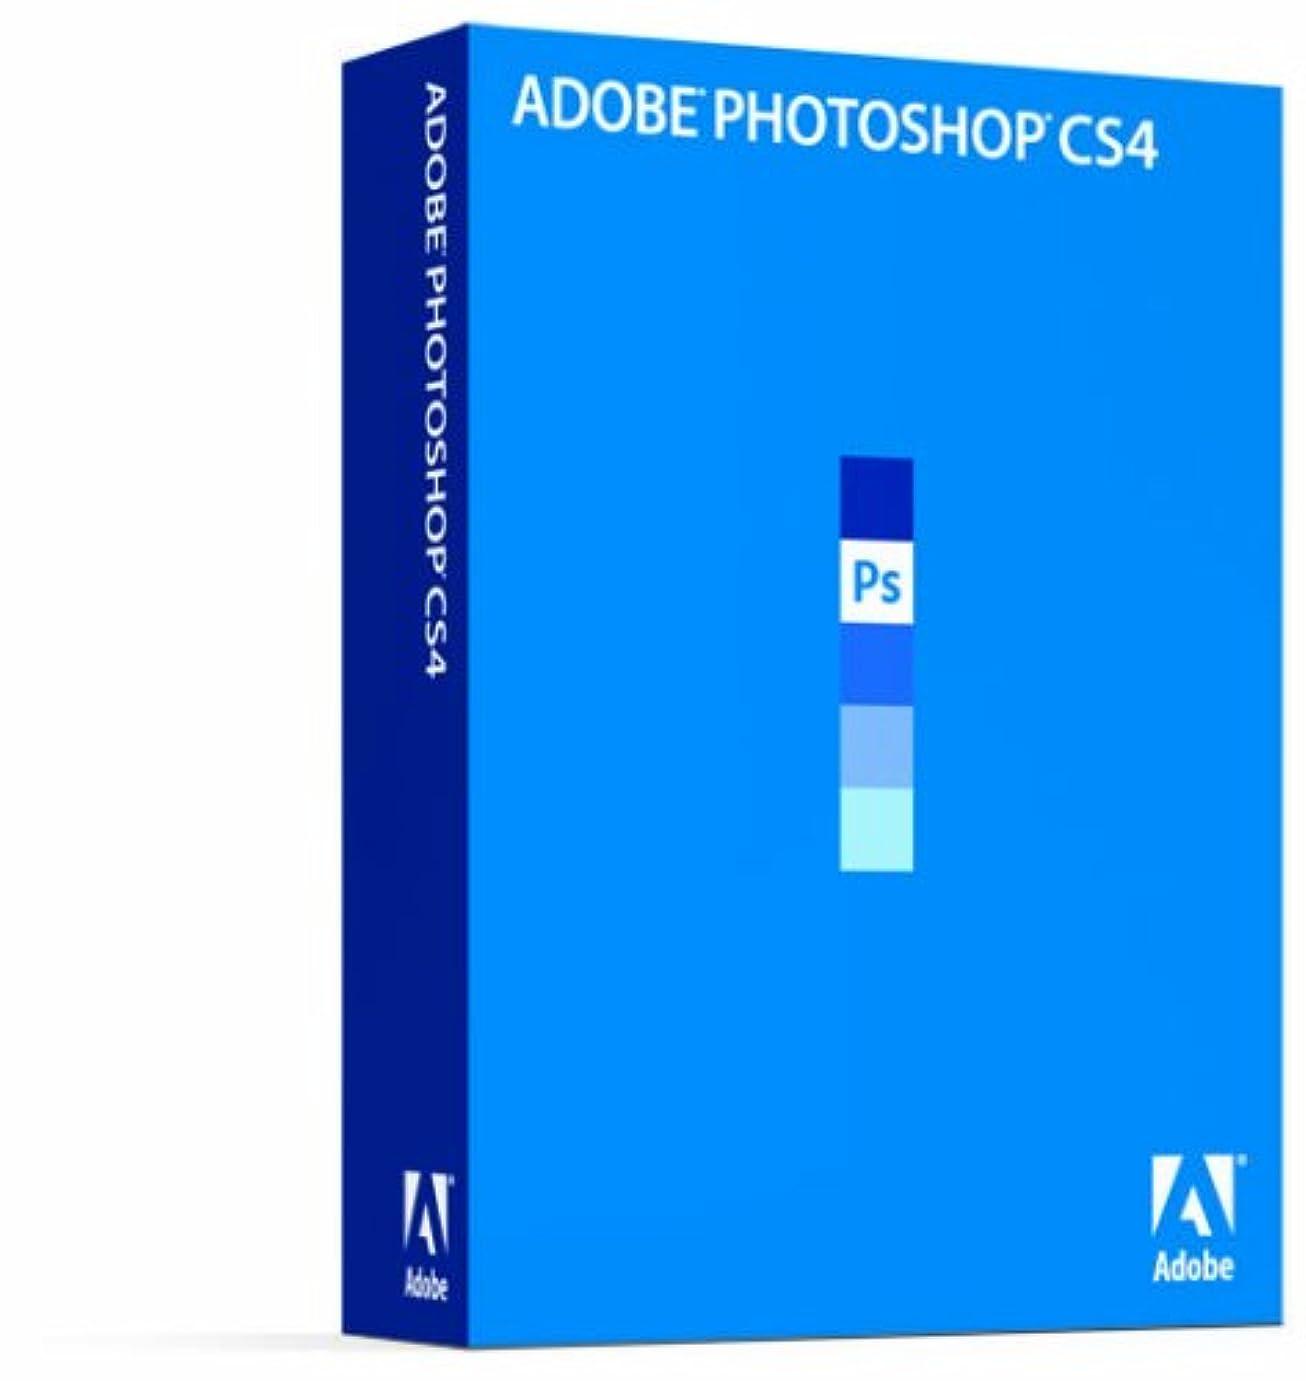 直面する感嘆突っ込む【旧製品】Adobe Photoshop CS4 (V11.0) 日本語版 Windows版